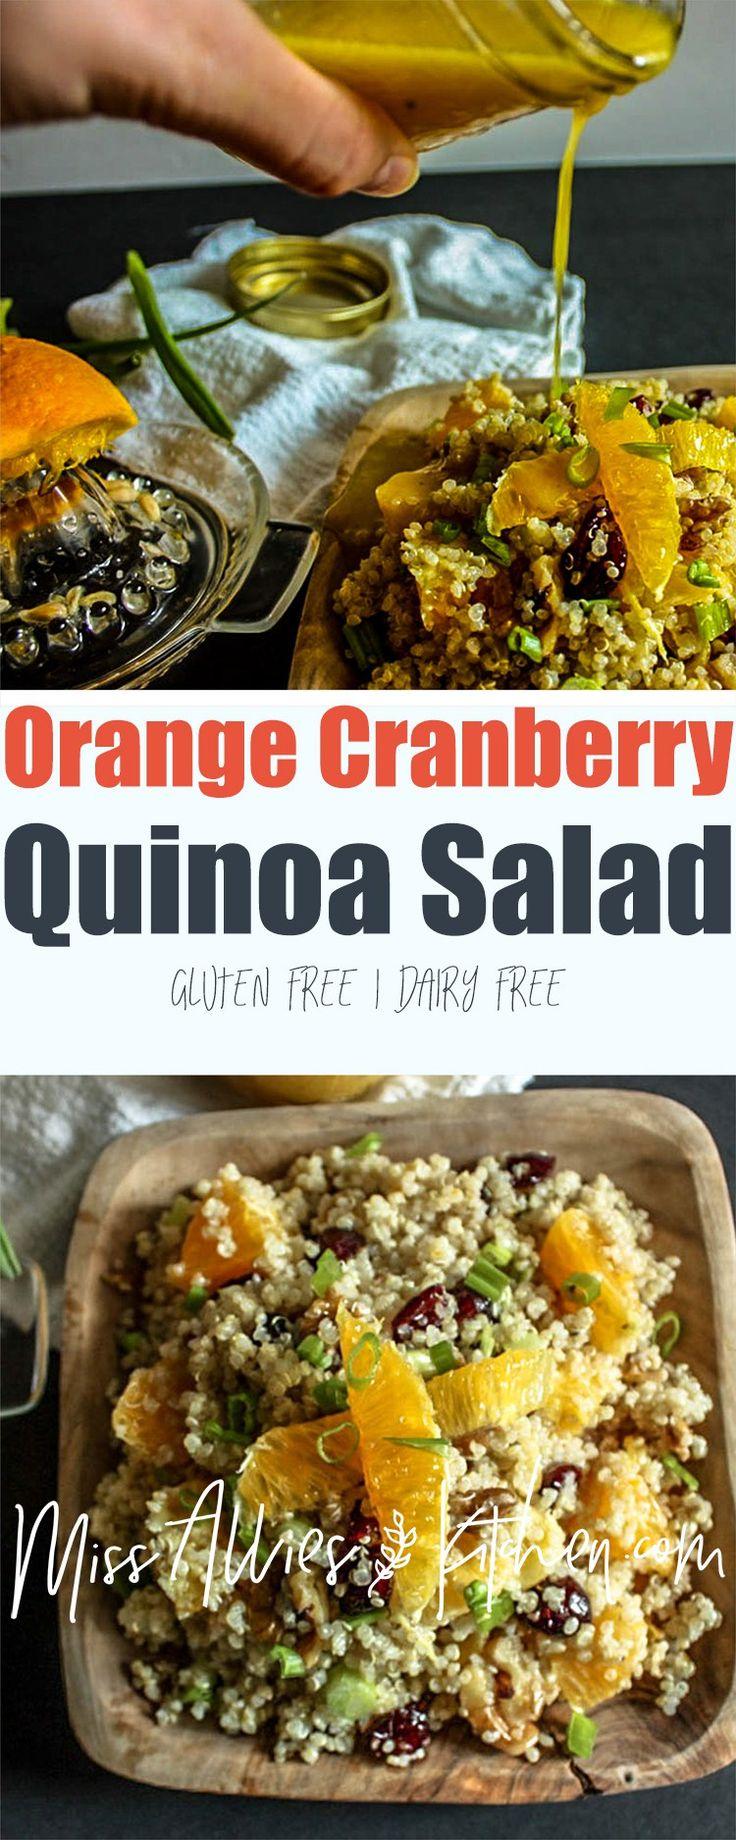 Orange Cranberry Quinoa Salad